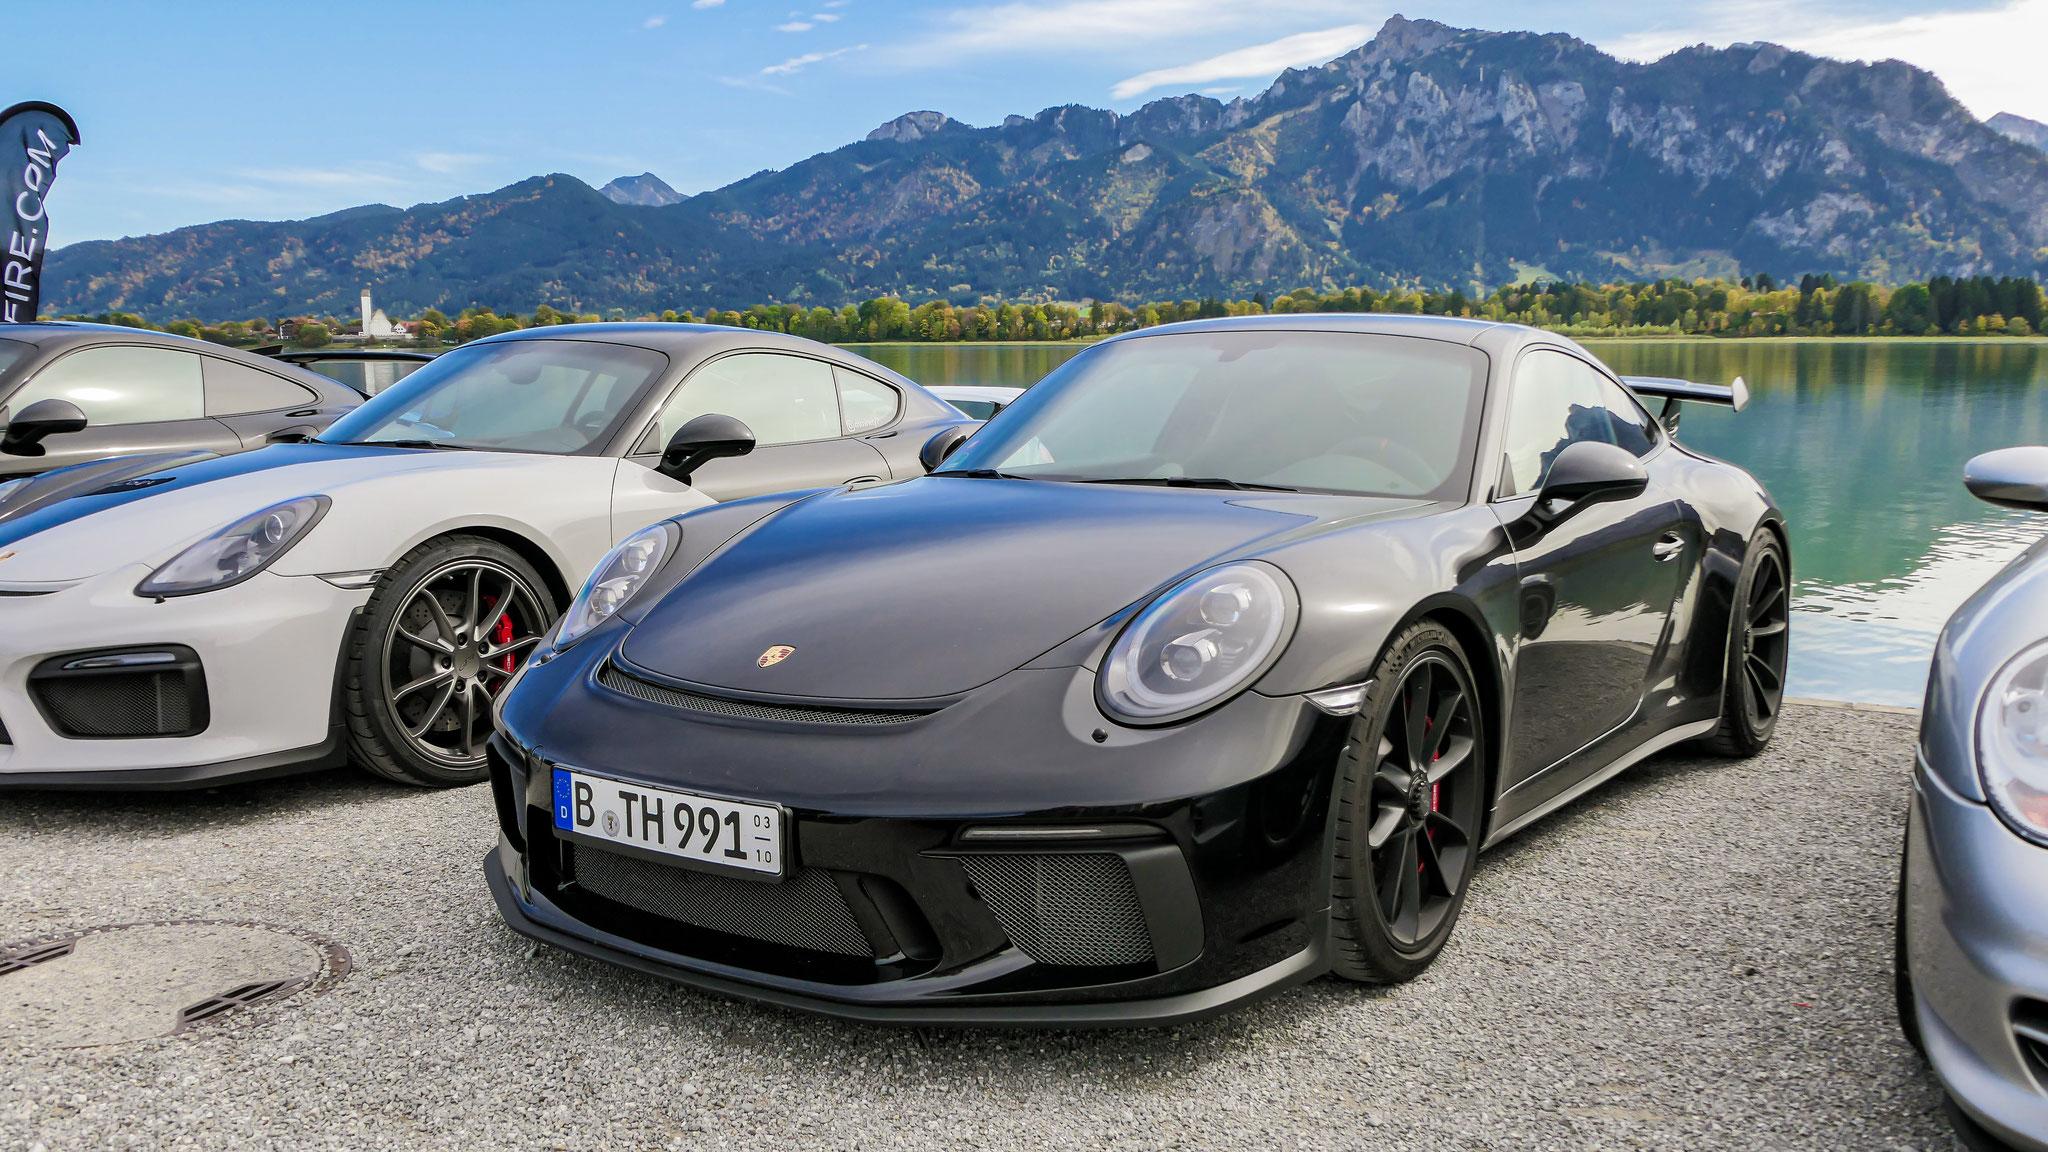 Porsche 991 GT3 - B-TH-991